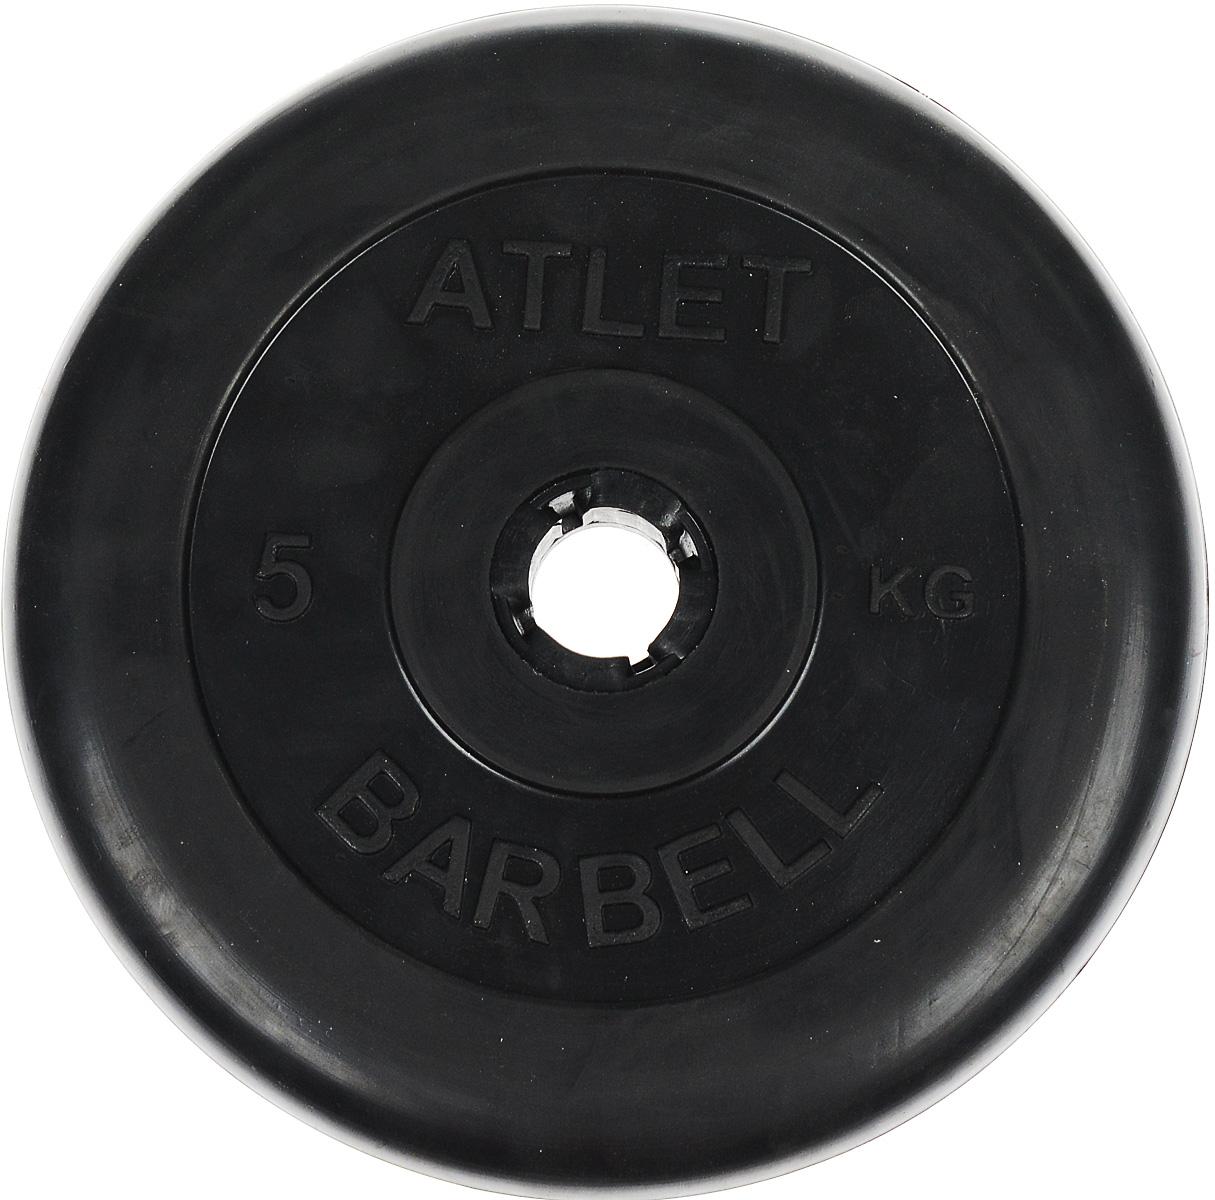 Диск обрезиненный MB Atlet, цвет: черный, 5 кг28260626Самым известным снарядом для силовых тренировок являются штанги и наборные гантели. За счет съемных дисков разного размера и массы вы можете оптимизировать собственную программу тренировки или с успехом следовать той, что разработал тренер. Меняя блины на штанге и постепенно увеличивая нагрузку, вы в состоянии добиться отличных результатов и без посещения тренажерного зала. Диски MB Atlet выполнены из вулканизированного каучука, внутри металлическая стружка.Наибольшее распространение для использования с гантелями получили диски с посадочным диаметром 26 мм, так называемого американского стандарта. Для домашних условий чаще всего применяются обрезиненные диски со специальным покрытием, которые не царапают пол и не гремят, не привлекая излишнее внимание соседей. Следует учитывать, что в процессе производства диска максимально допустимое отклонение веса может составлять +/- 50 г.Диаметр диска: 21 см.Толщина диска: 3 см.Посадочный диаметр: 2,6 см.